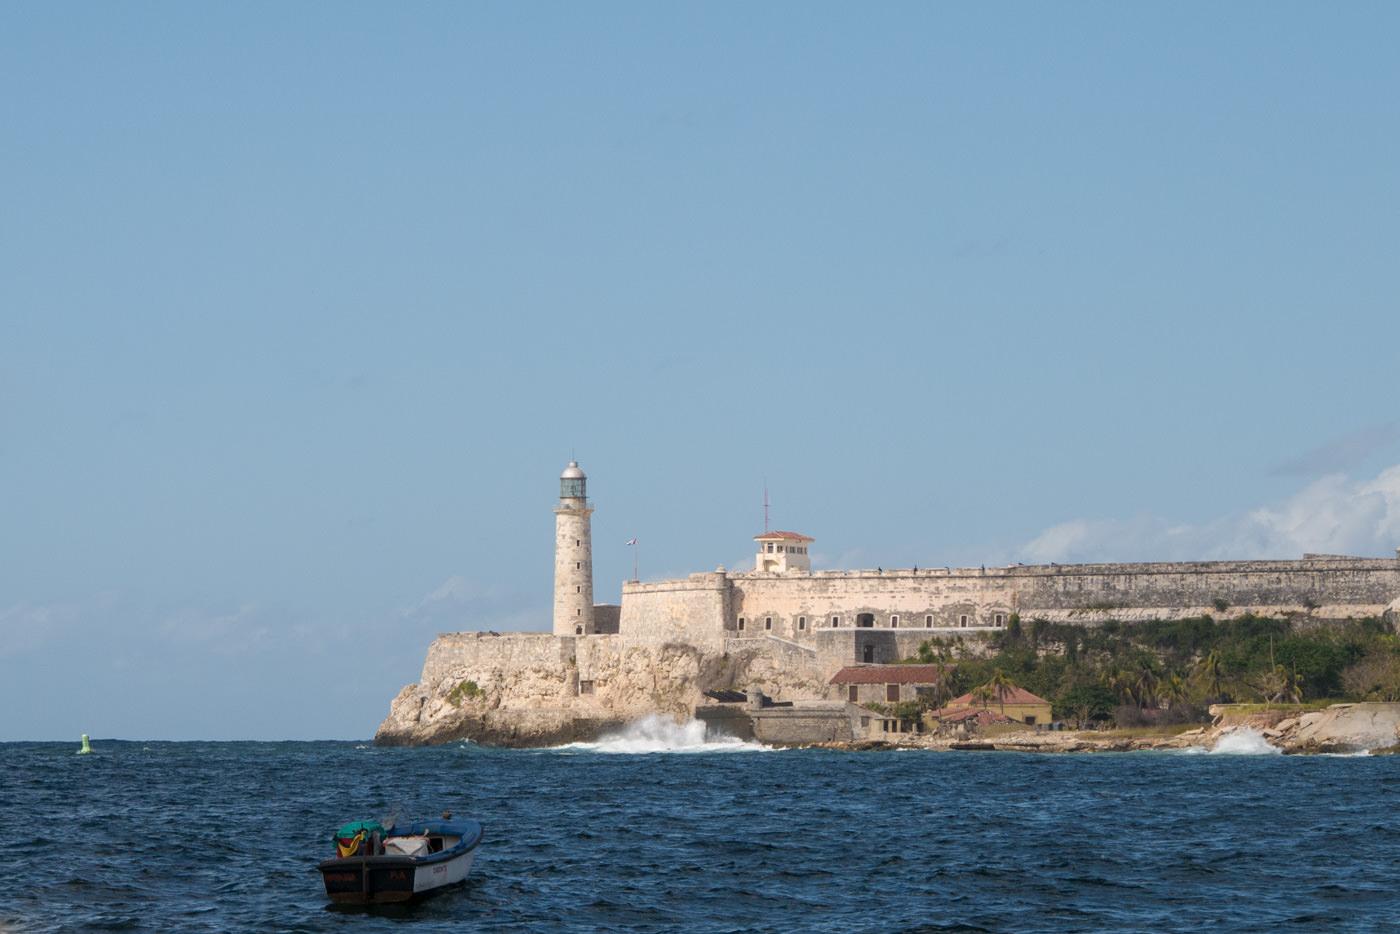 Castillo de los tres reyes del morro in Havanna